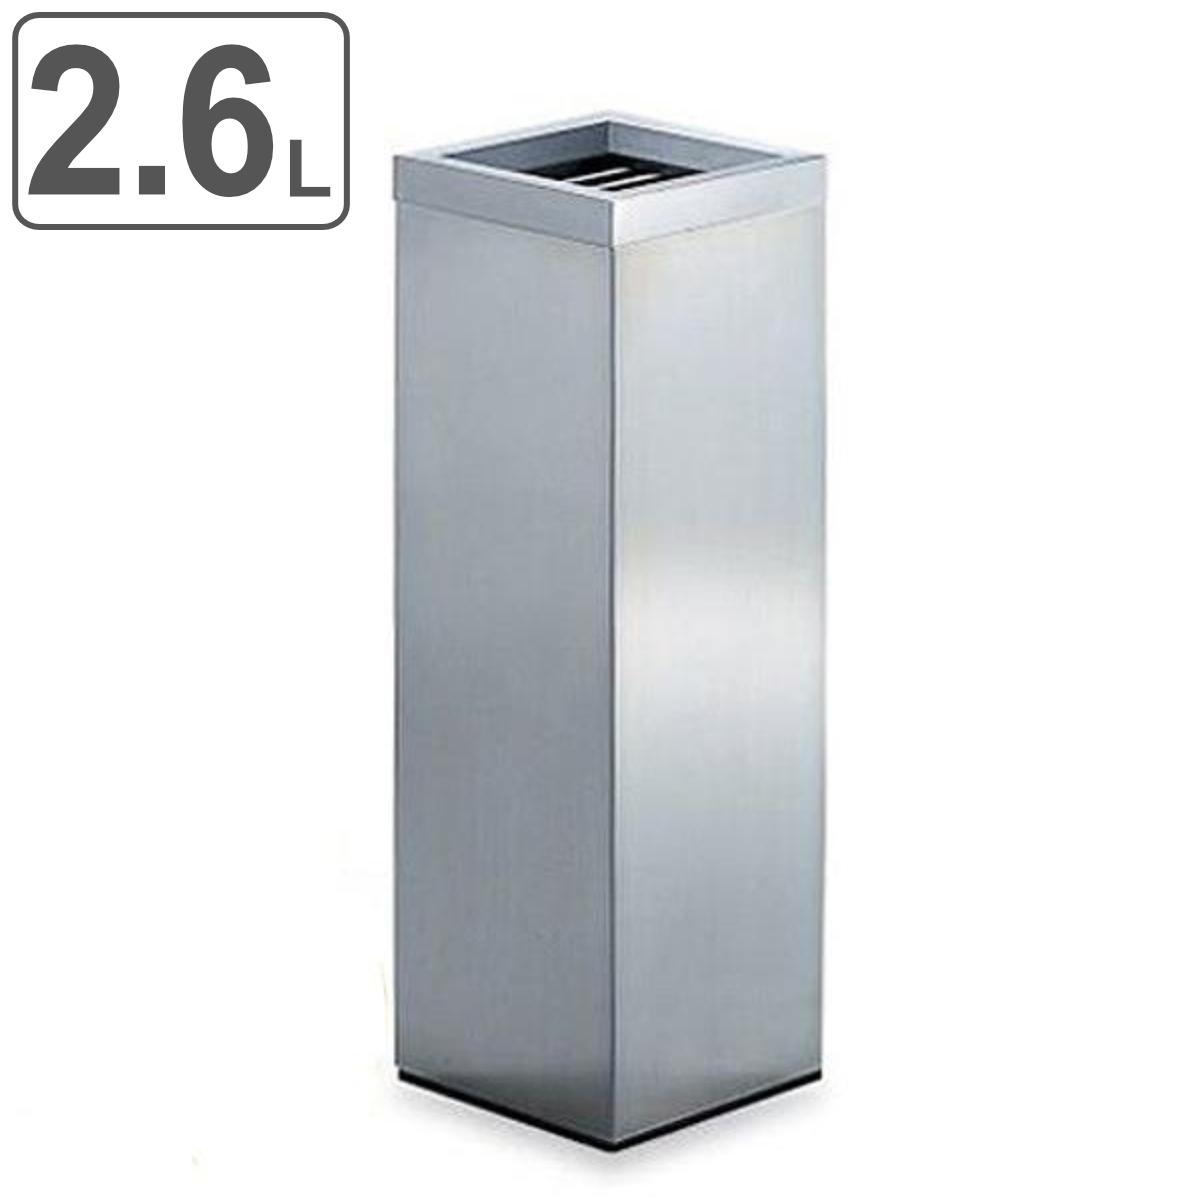 灰皿 スタンド角型 ステンレス製 2.6L SK-020 ( 送料無料 スモーキングスタンド 吸いがら入れ )